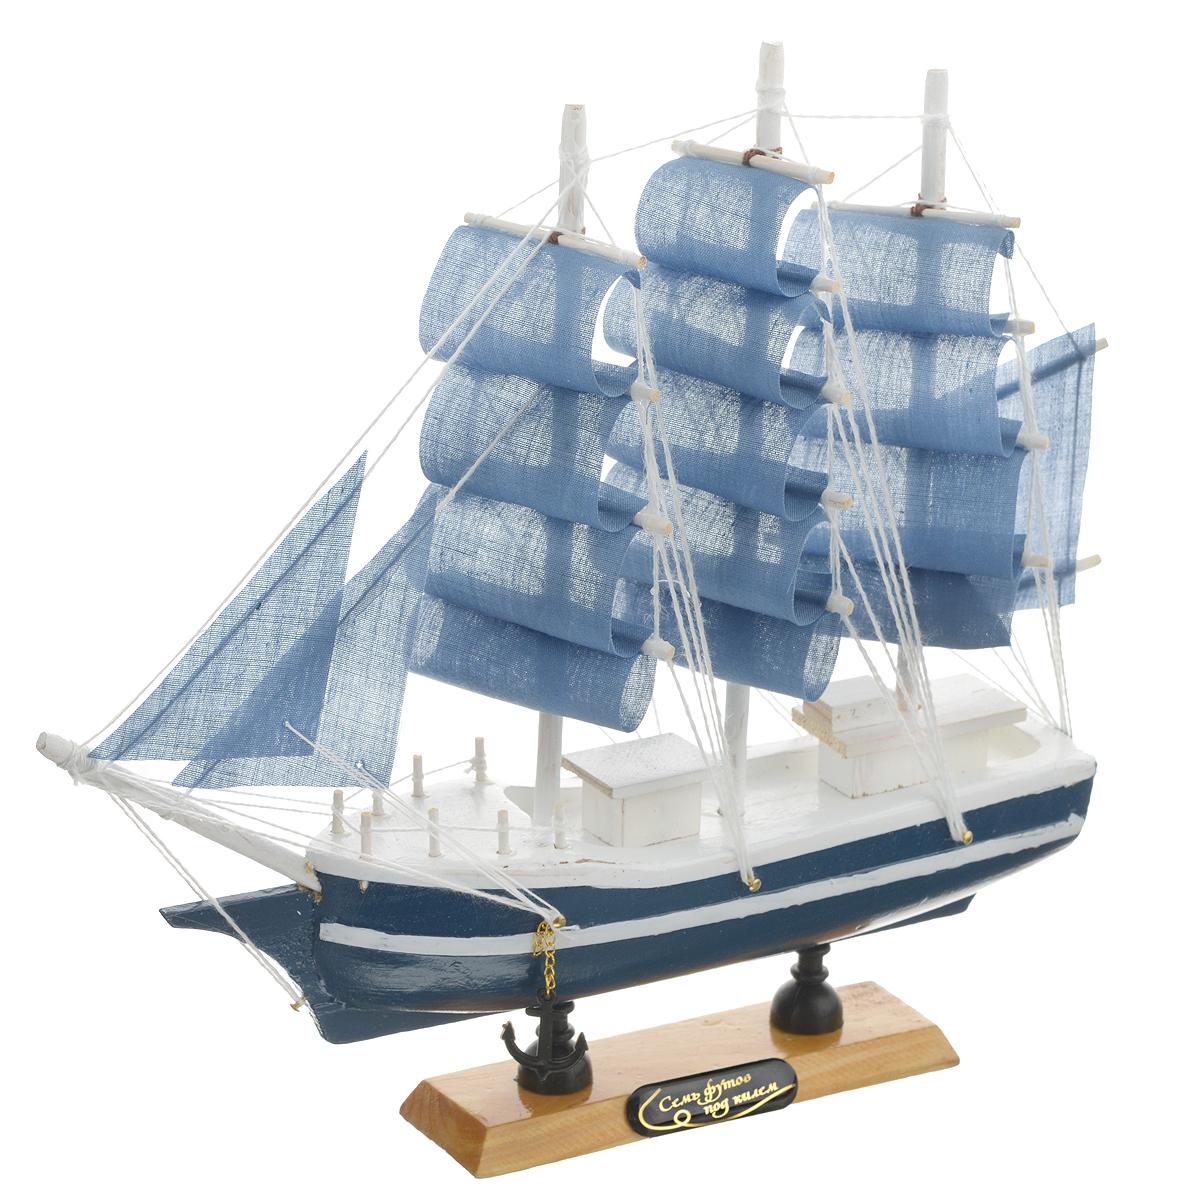 Корабль сувенирный Семь футов под килем, длина 24 смTHN132NСувенирный корабль Семь футов под килем, изготовленный из дерева и текстиля, это великолепный элемент декора рабочей зоны в офисе или кабинете. Корабль с парусами и якорями помещен на деревянную подставку. Время идет, и мы становимся свидетелями развития технического прогресса, новых учений и практик. Но одно не подвластно времени - это любовь человека к морю и кораблям. Сувенирный корабль наполнен историей и силой океанских вод. Данная модель кораблика станет отличным подарком для всех любителей морей, поклонников историй о покорении океанов и неизведанных земель. Модель корабля - подарок со смыслом. Издавна на Руси считалось, что корабли приносят удачу и везение. Поэтому их изображения, фигурки и точные копии всегда присутствовали в помещениях. Удивите себя и своих близких необычным презентом.